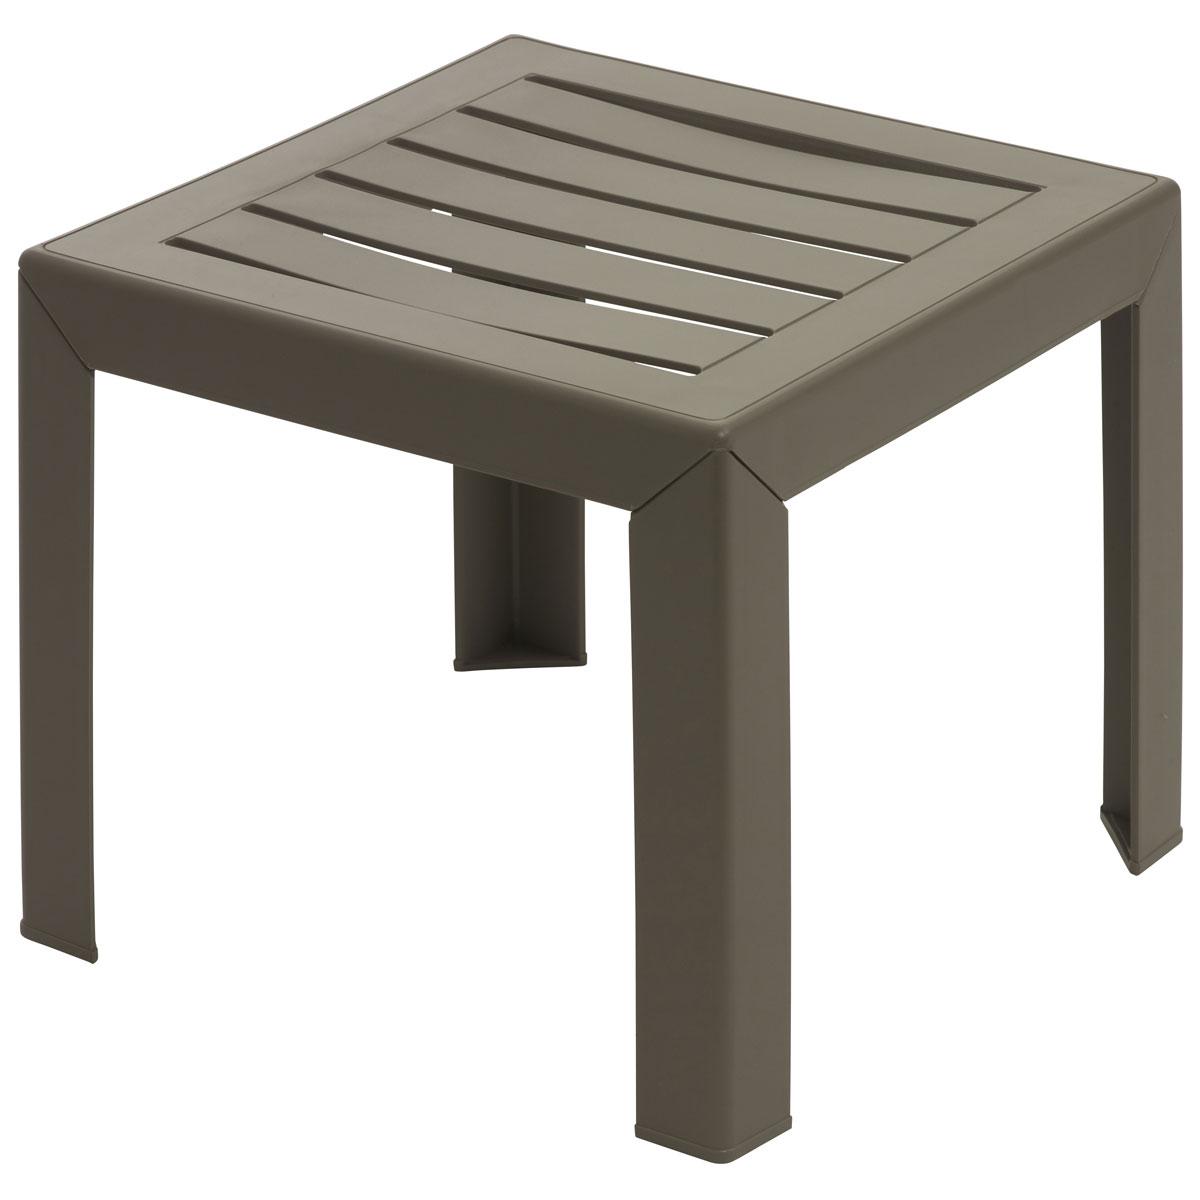 Grosfillex Miami - Table basse de jardin en résine 40 x 40 cm ...